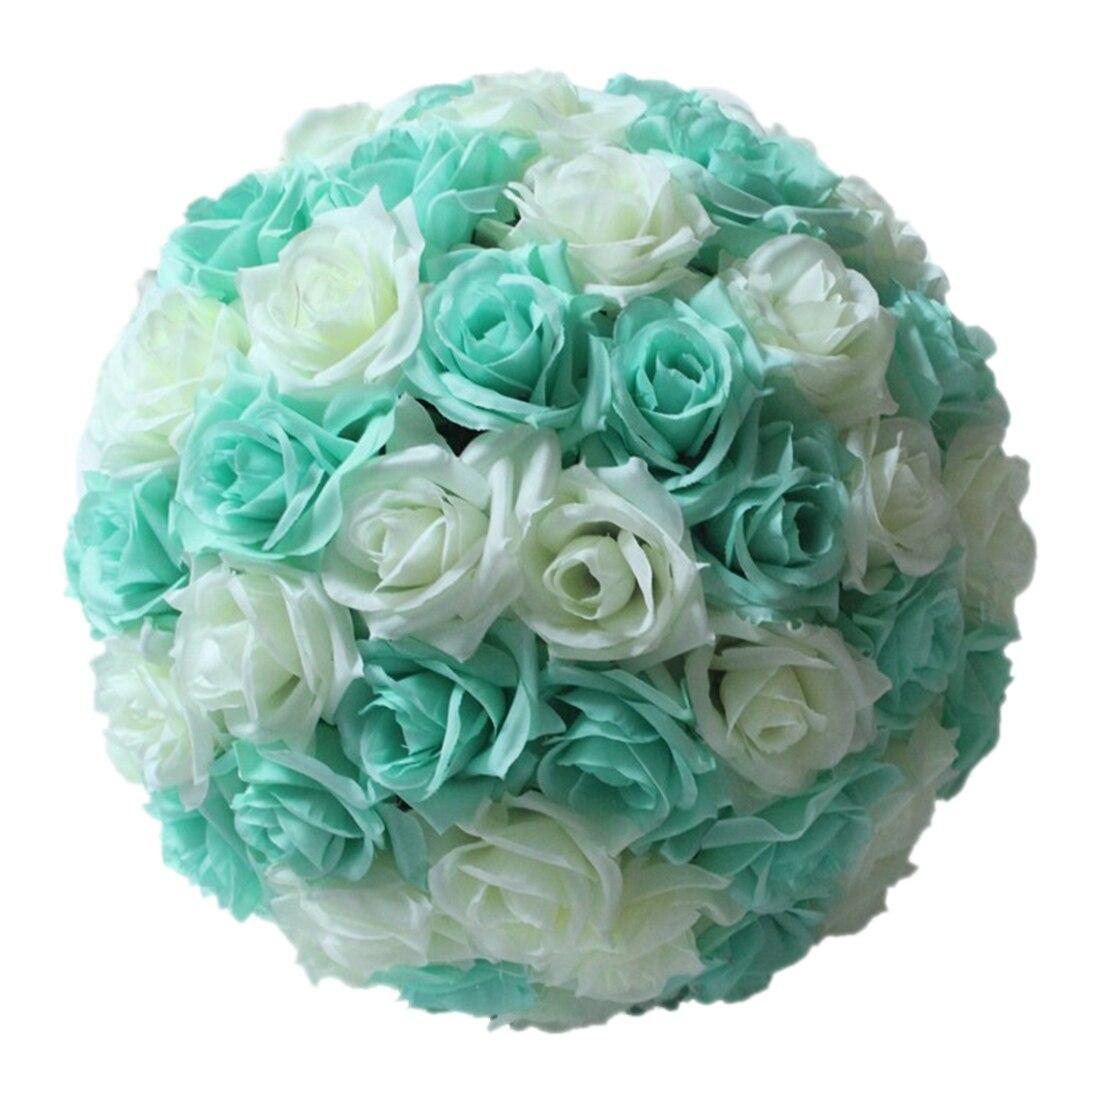 Ksol 820cmwedding Rose Silk Flower Ball Centerpieces Mint